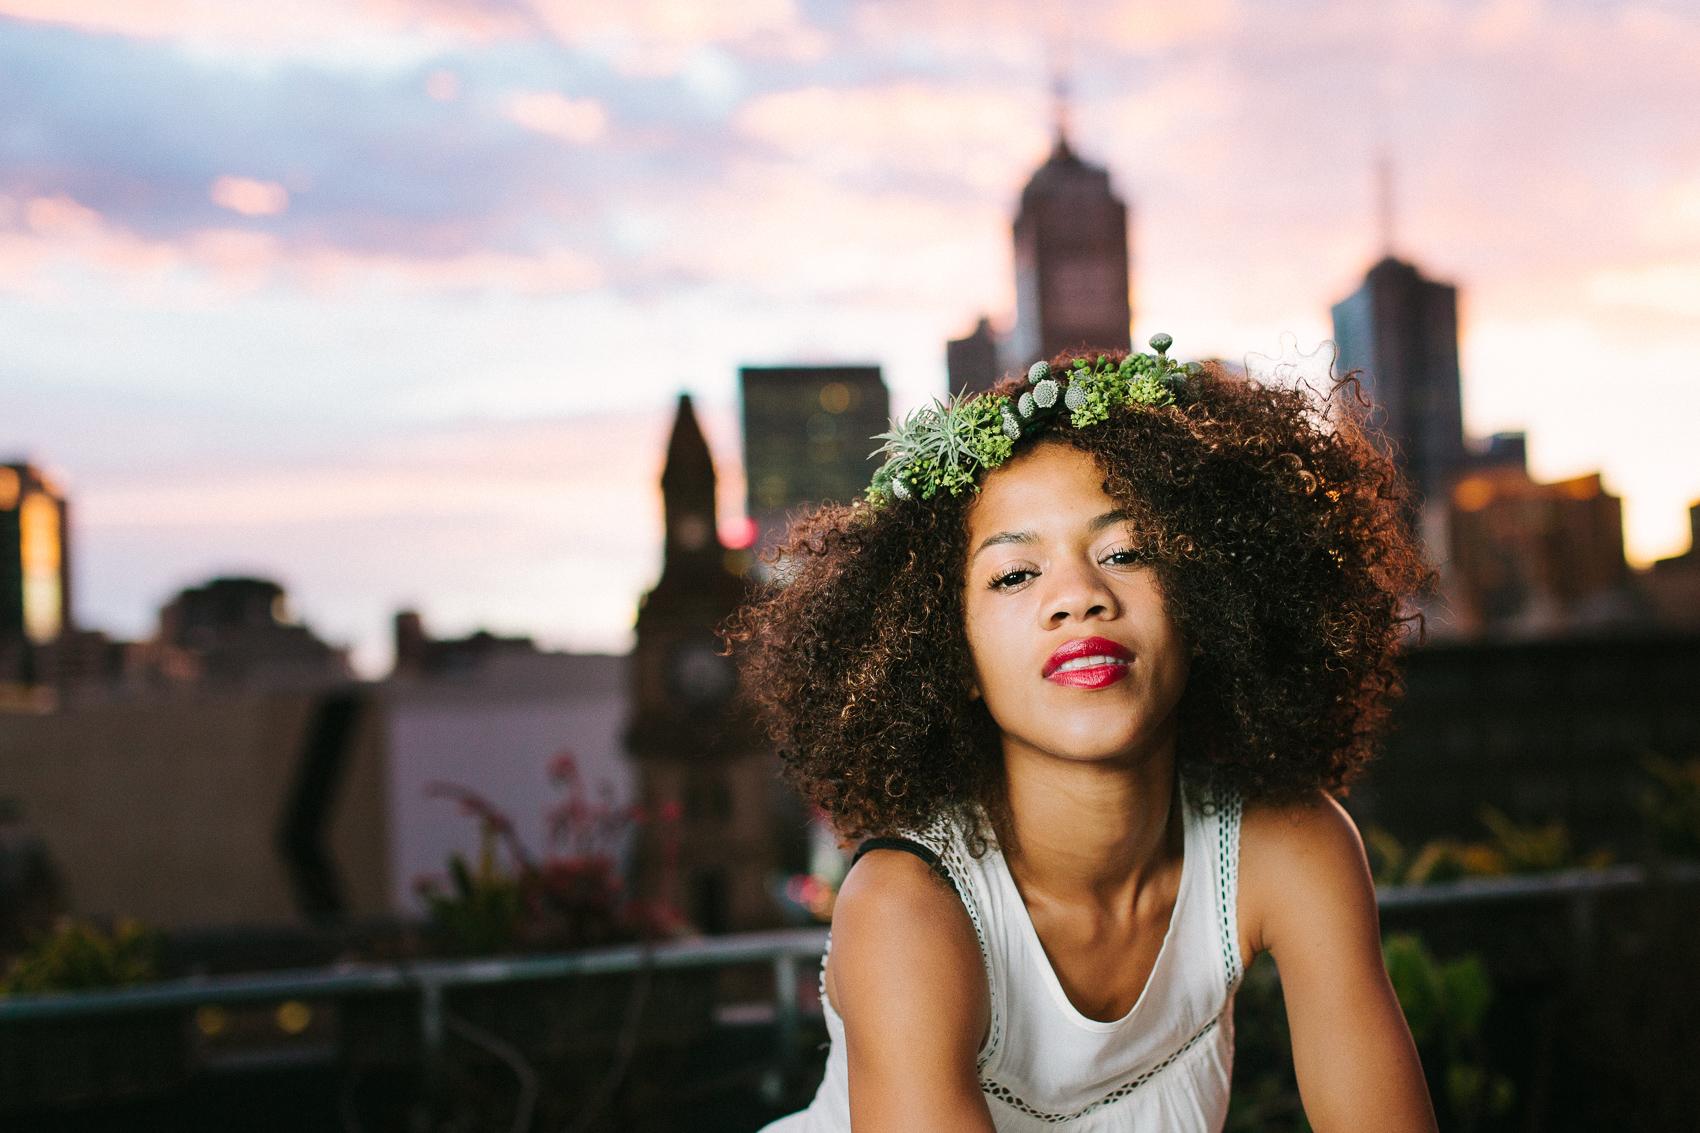 Ebony-Melbourne-Skyline-Sunrise-Bohemian-Wedding-Photography-Inspiration-4